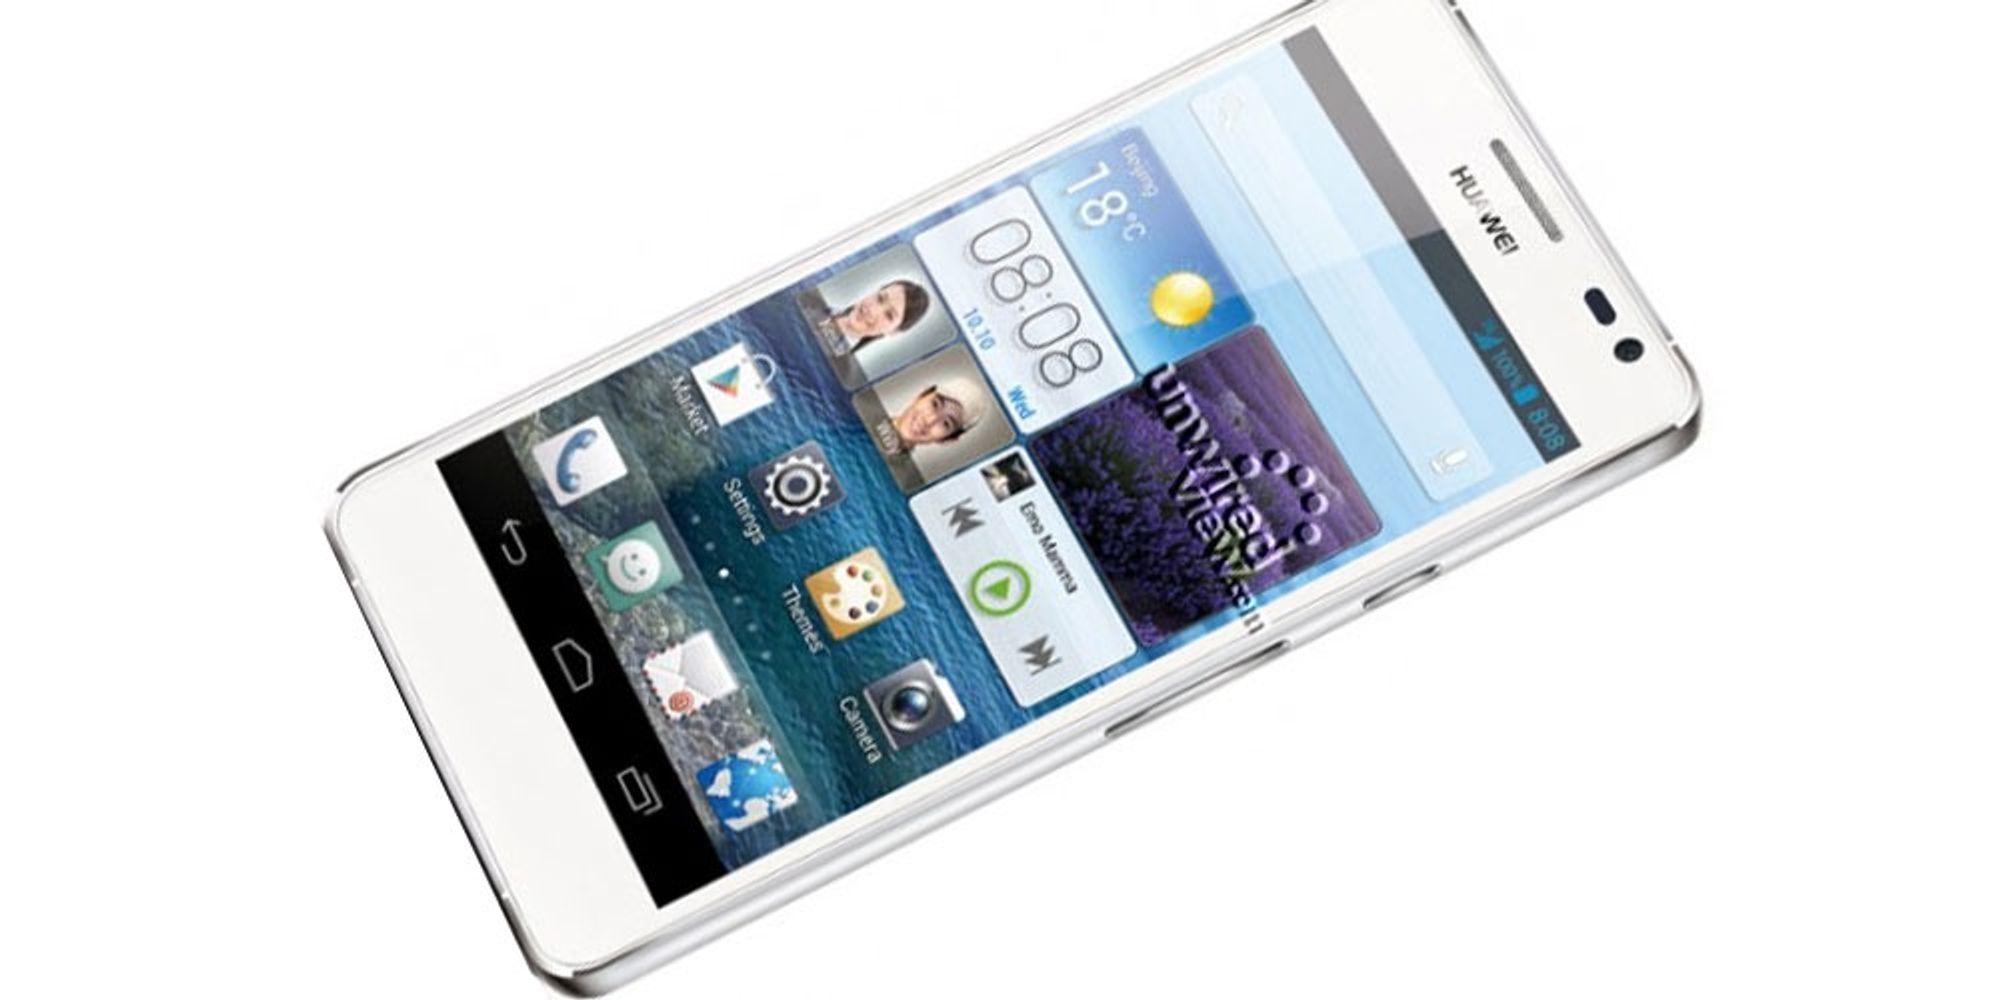 Huawei Ascend D2 er avbildet